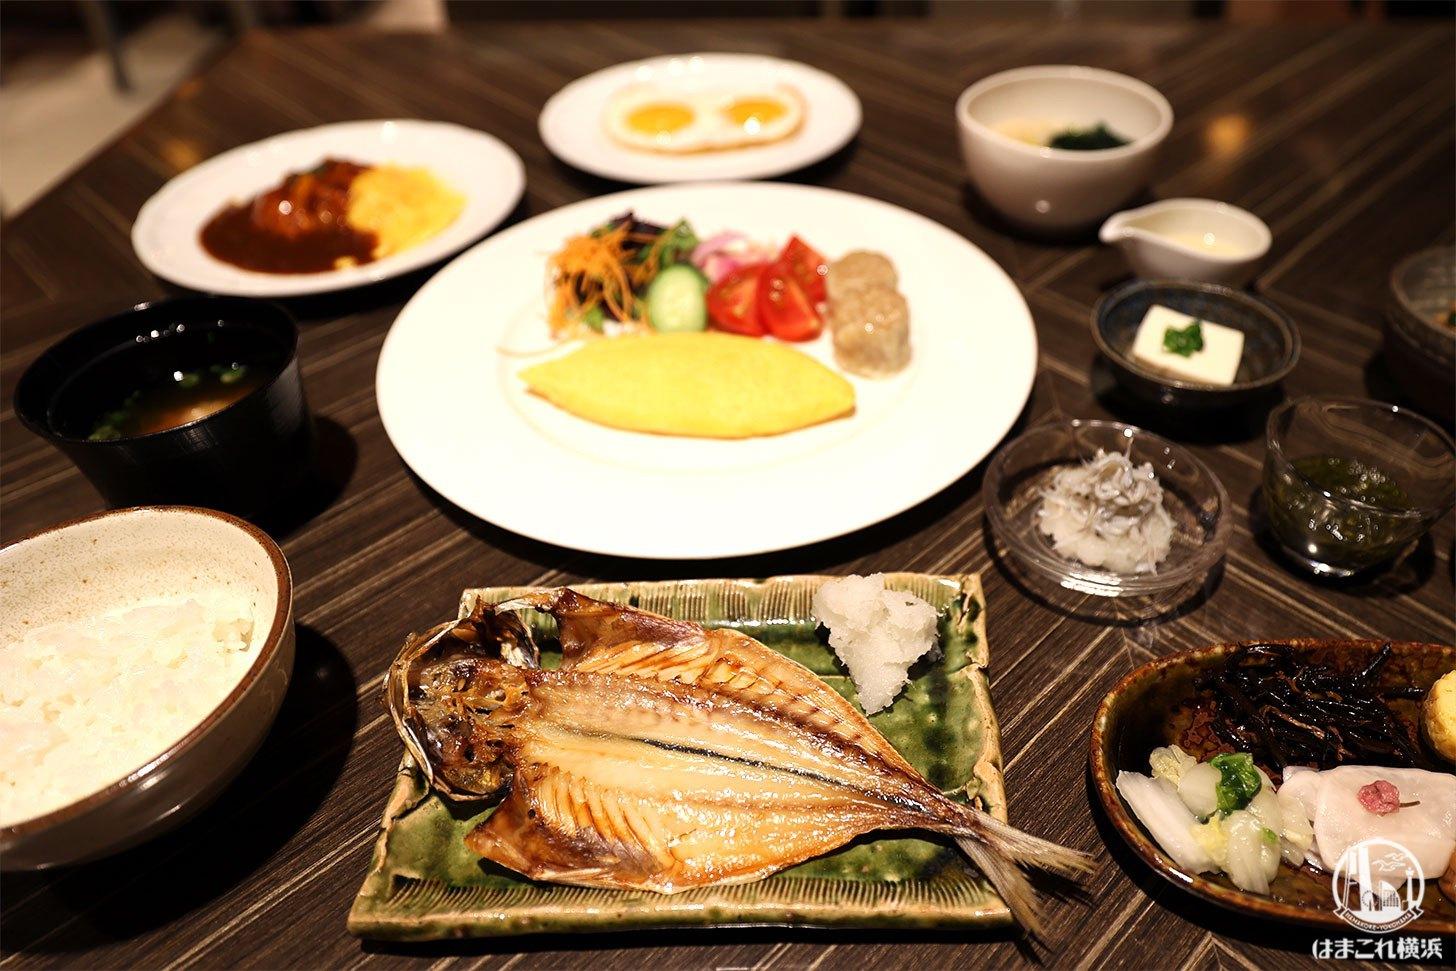 横浜ベイシェラトンで朝食ブッフェ「神奈川朝食」朝からパフォーマンス高まる心地良い時間